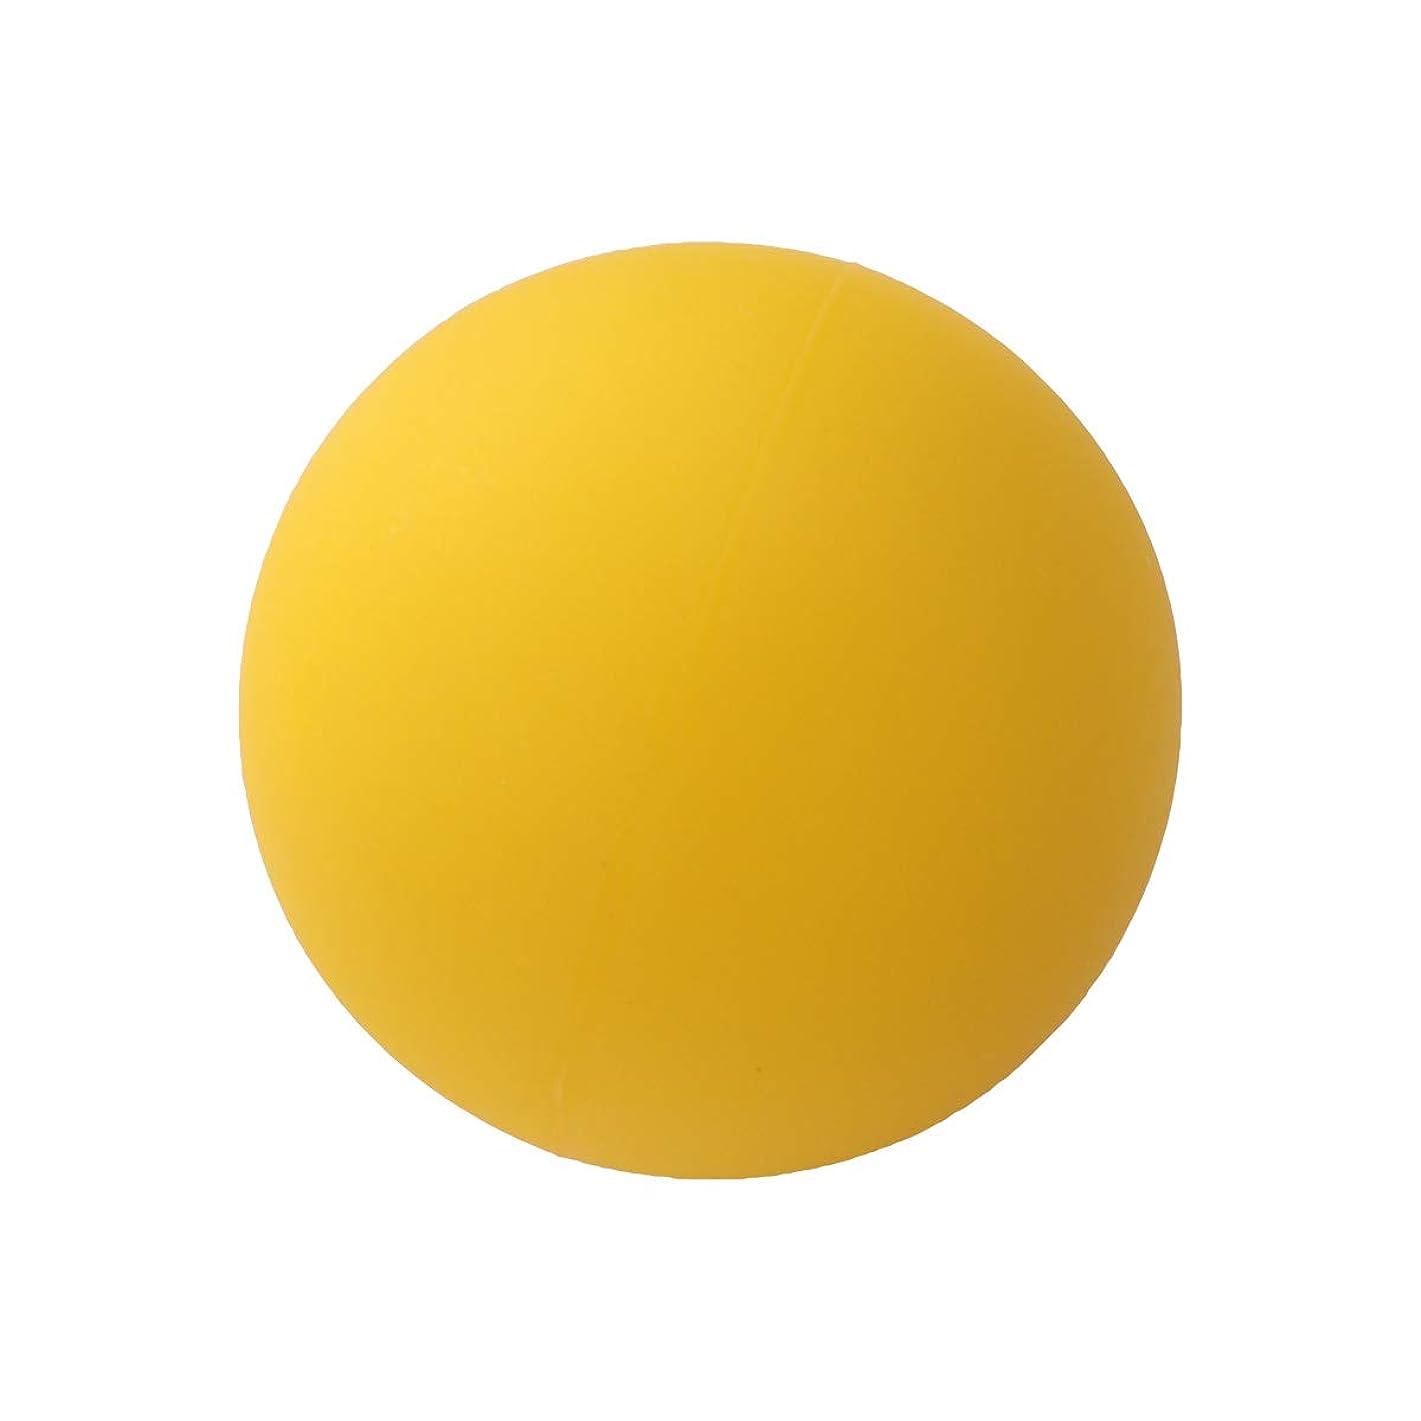 不信目に見える証明VORCOOL マッサージボール ヨガ ストレッチボール トリガーポイント 筋膜リリース トレーニング 背中 肩こり 腰 ふくらはぎ 足裏 ツボ押しグッズ 物理 マッサージ 療法ボール